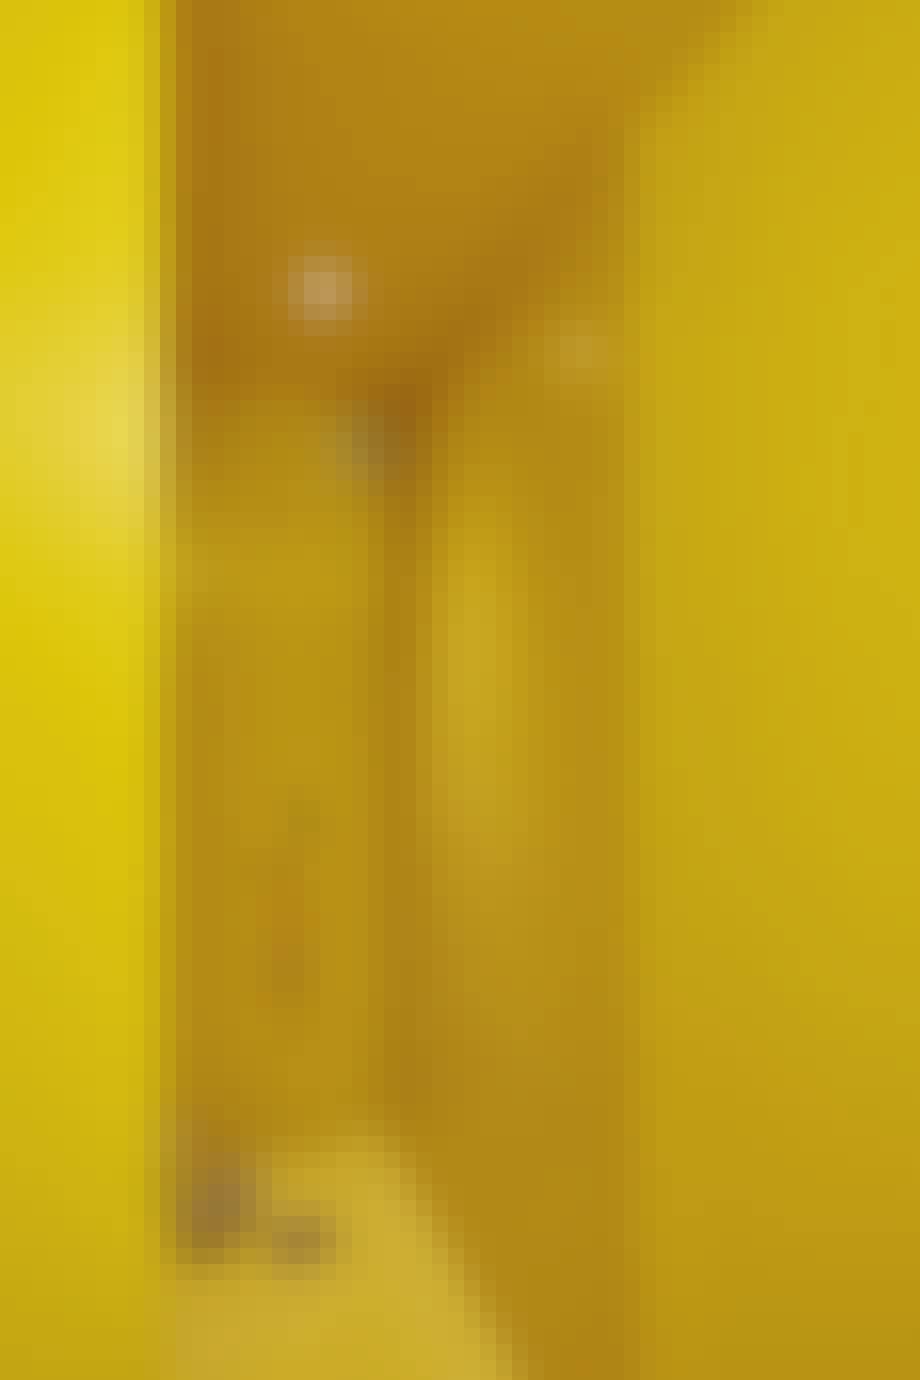 Et skrigende gult badeværelse